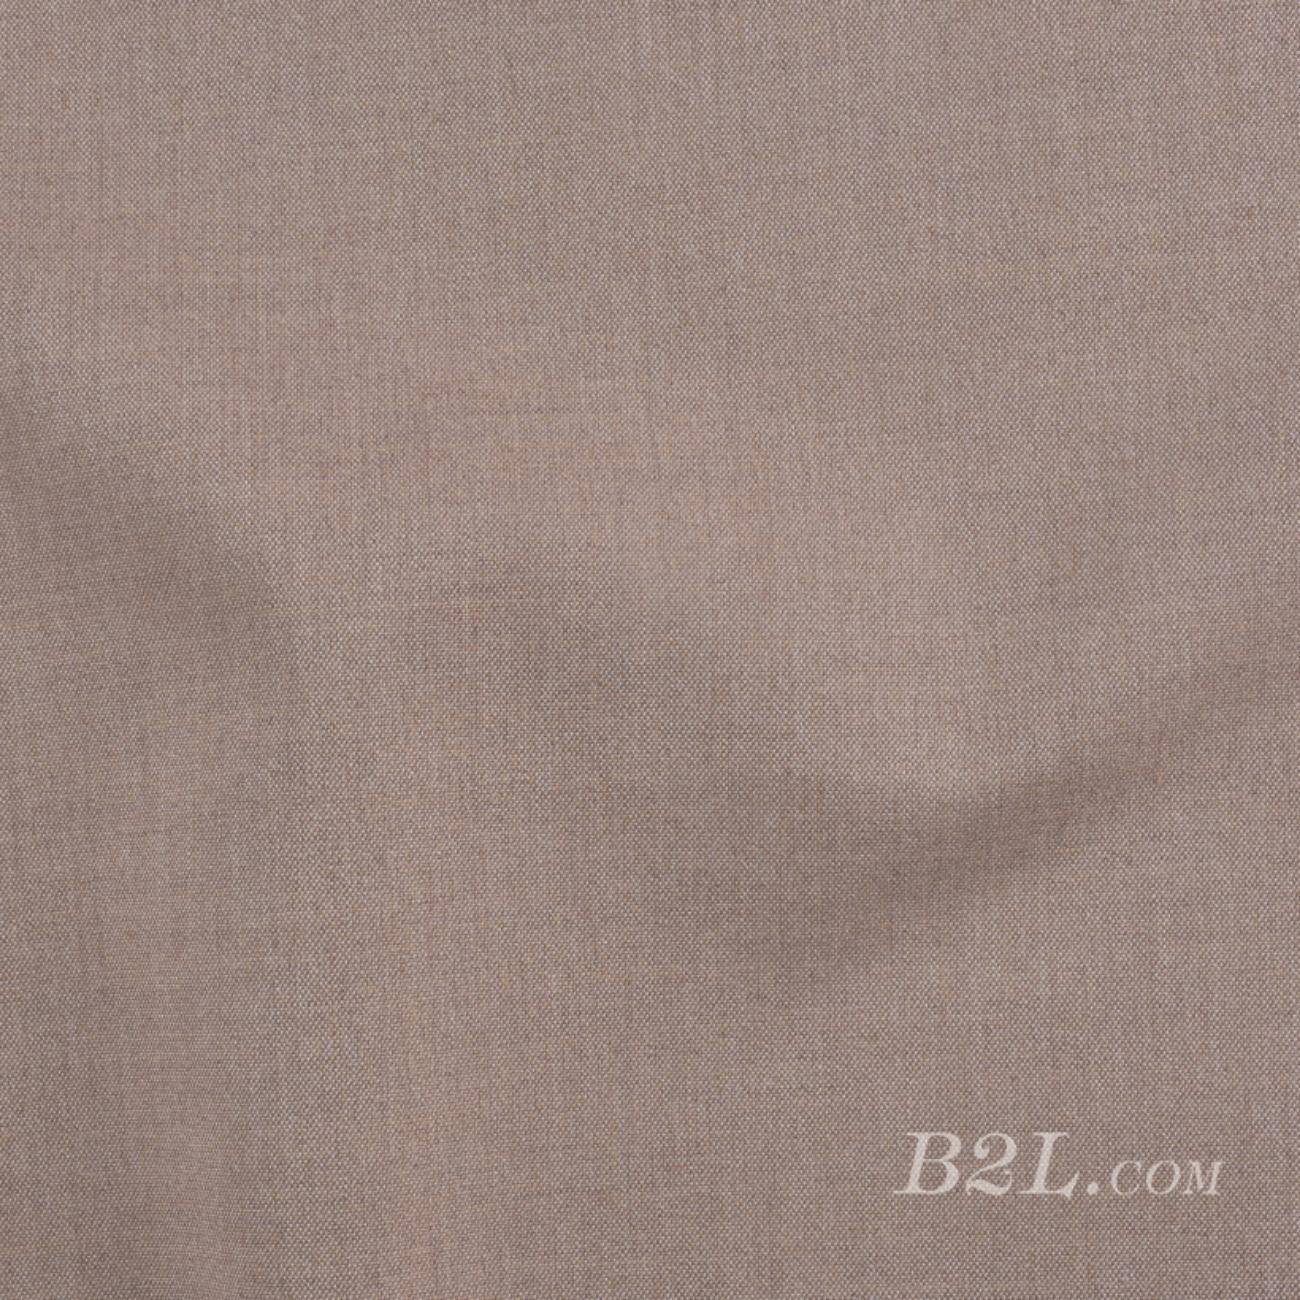 梭织染色素色面料-春夏秋裤装西装职业装面料91005-3-1